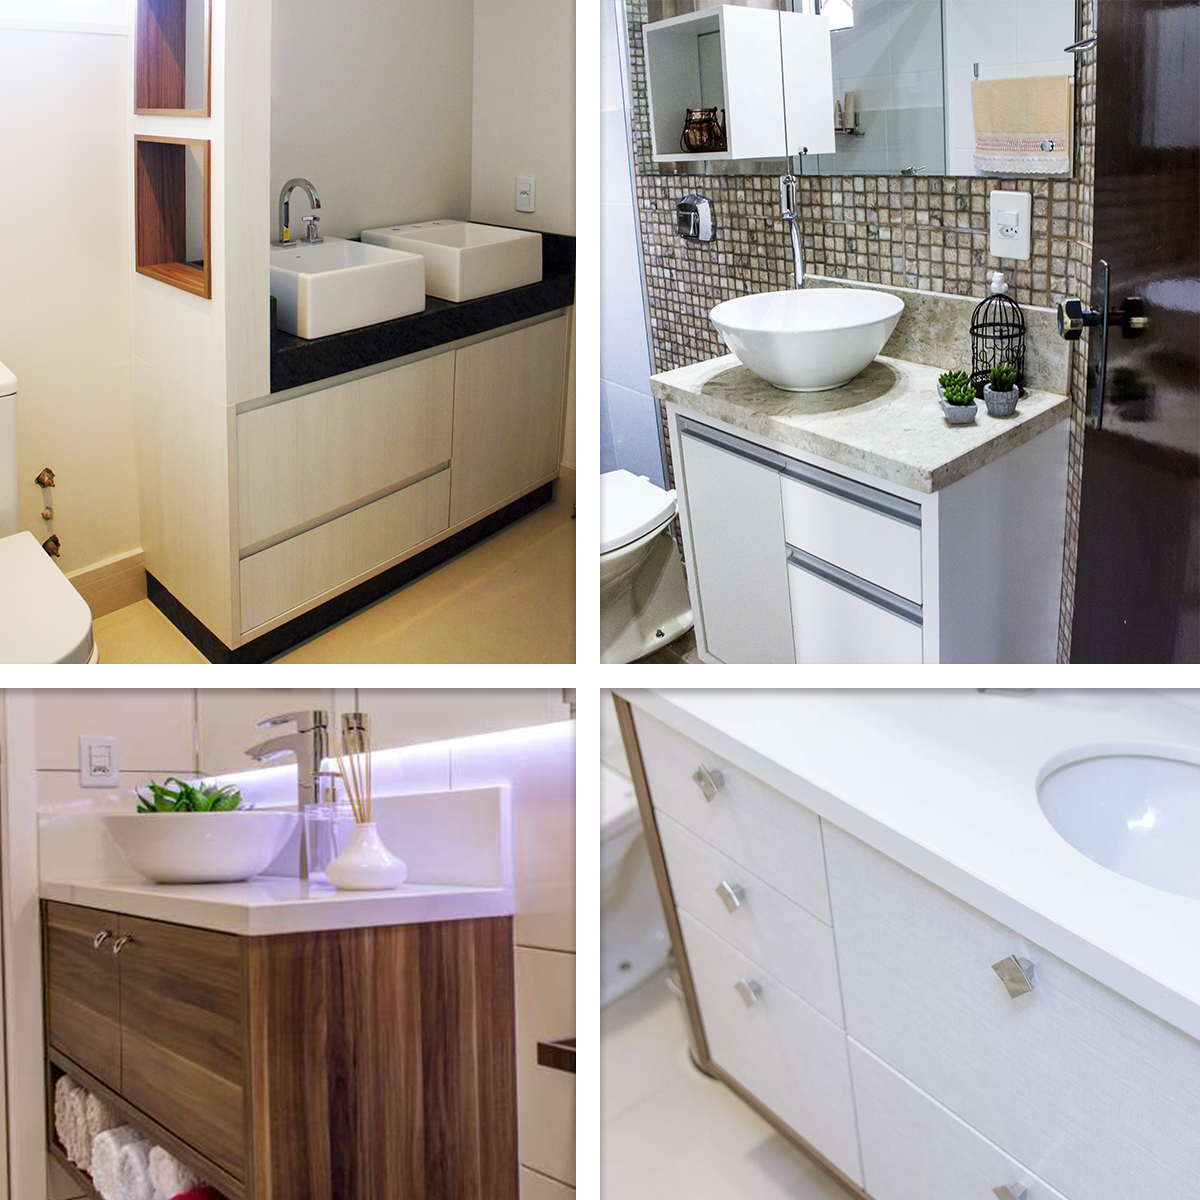 Banheiro Apartamento Pequeno  rinkratmagcom banheiros decorados 20 -> Banheiros Apto Pequeno